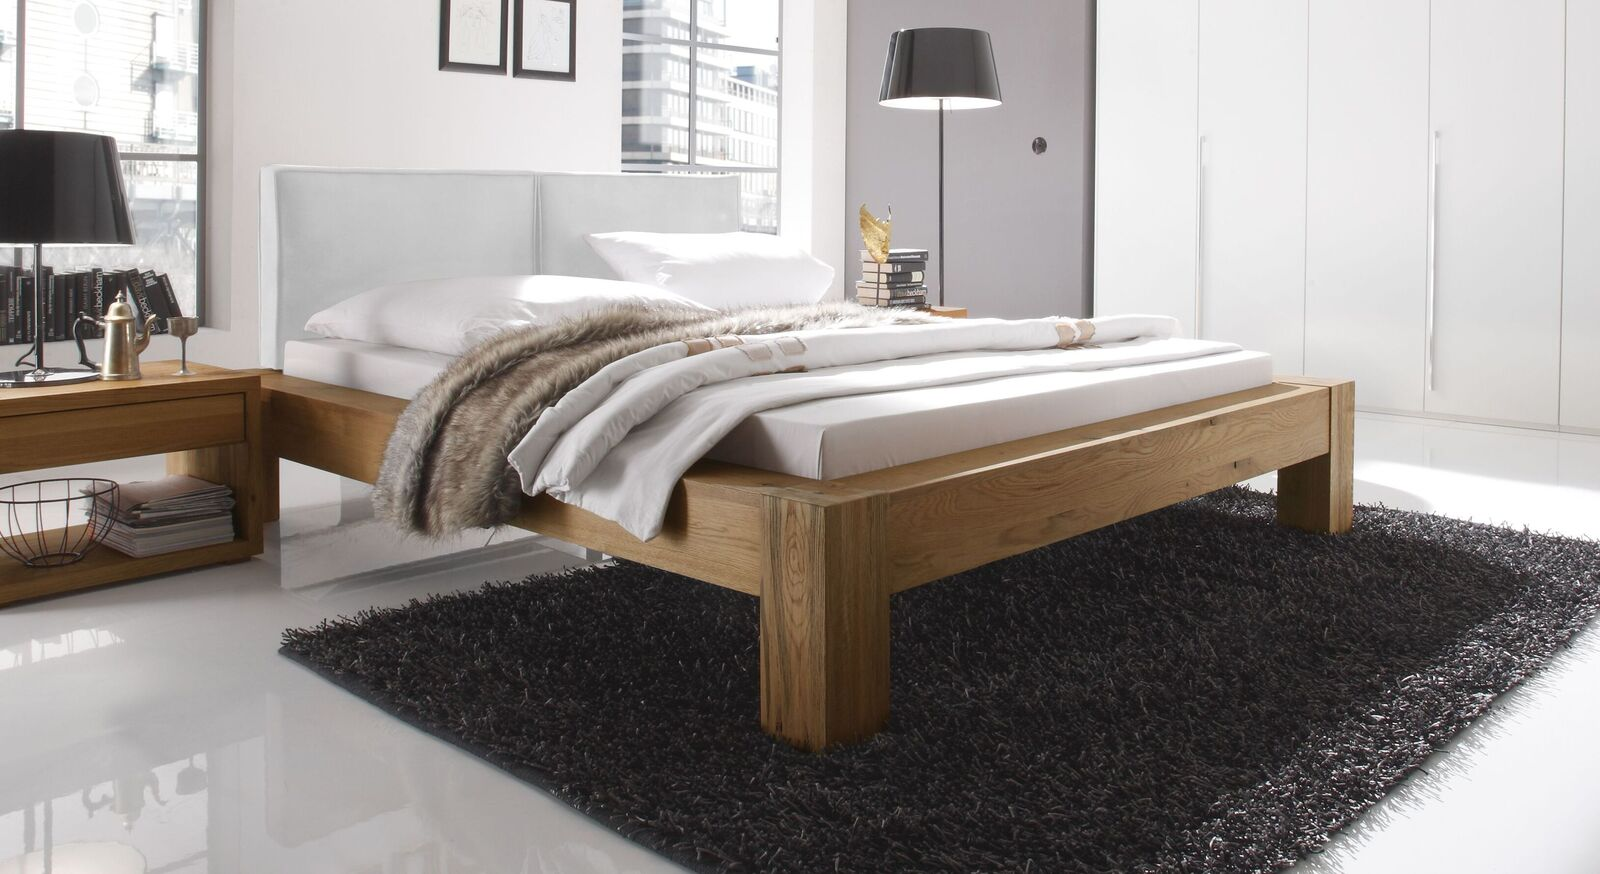 Bett Maia aus naturfarbenem Wildeichenholz und weißem Kopfteil